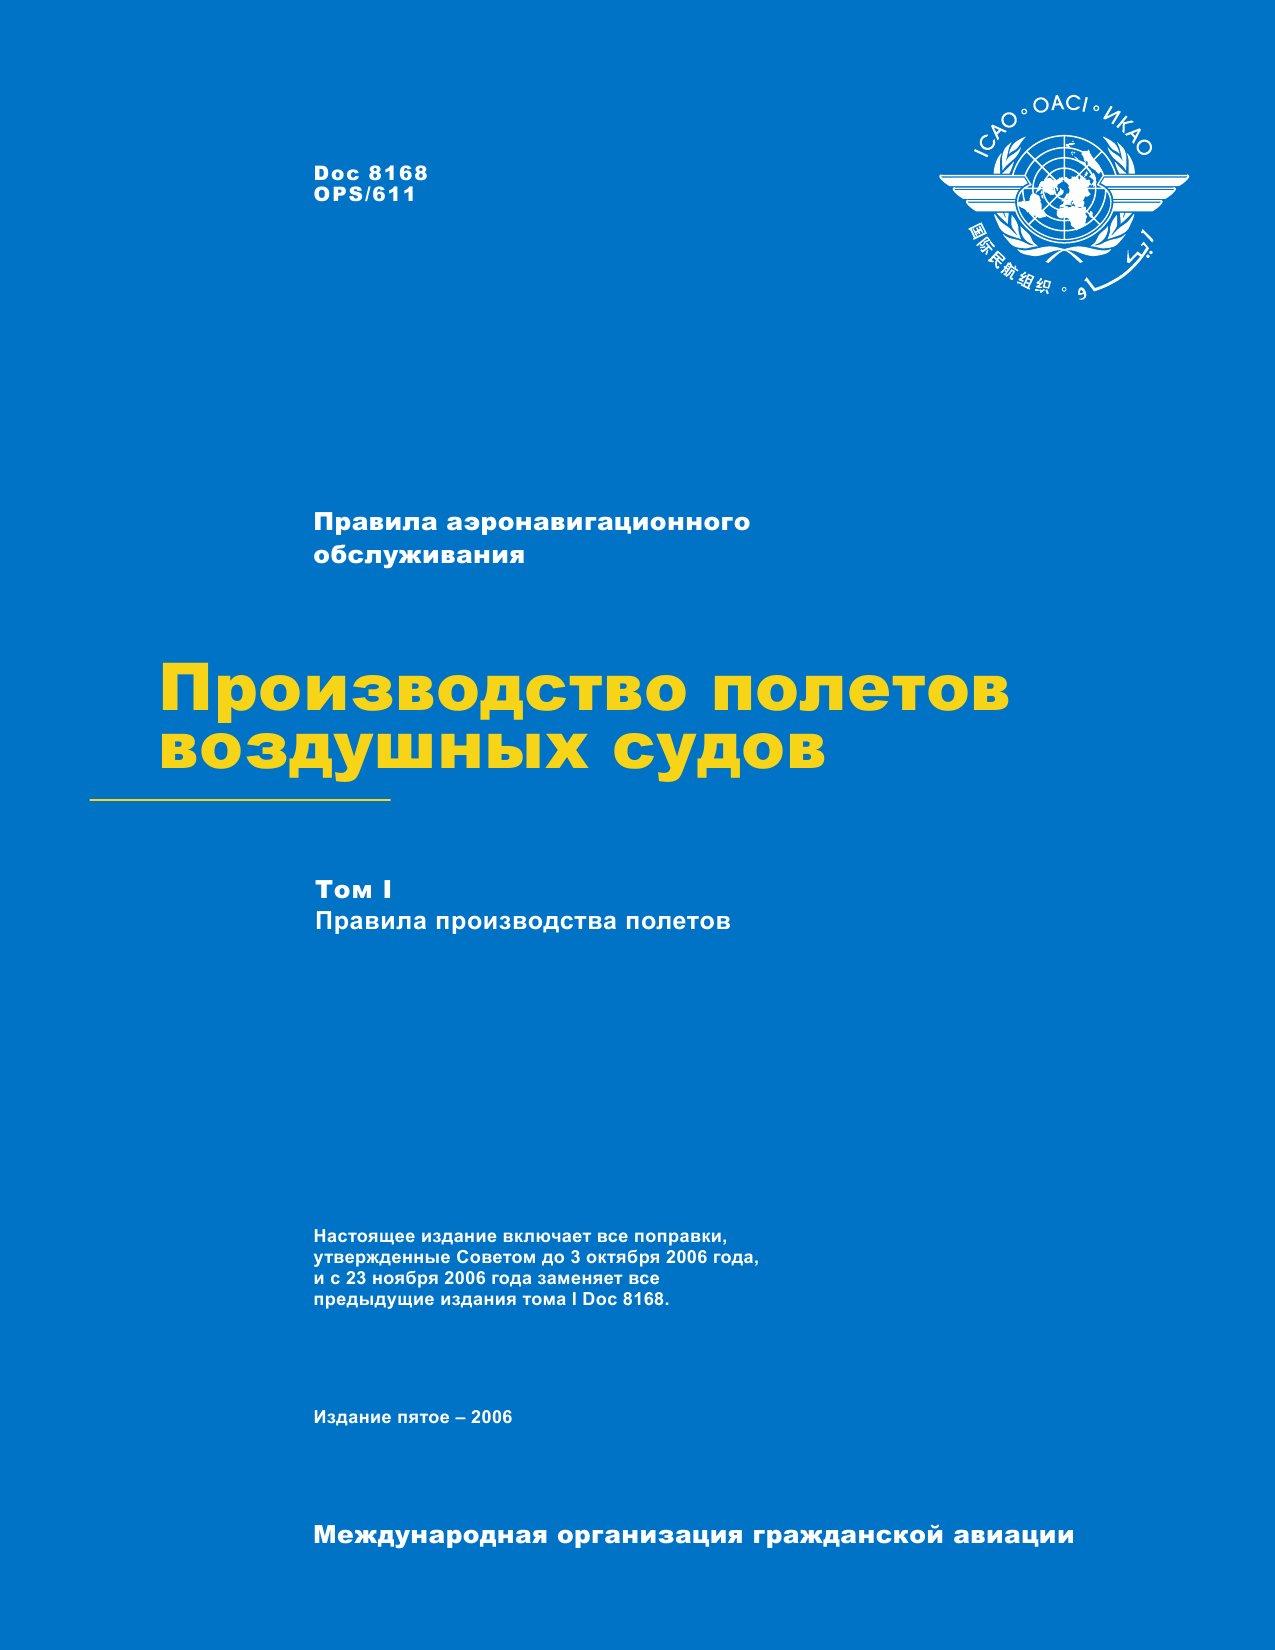 ICAO Doc 8168 PANS-OPS. Производство полетов воздушных судов - Том I. Правила производства полетов.